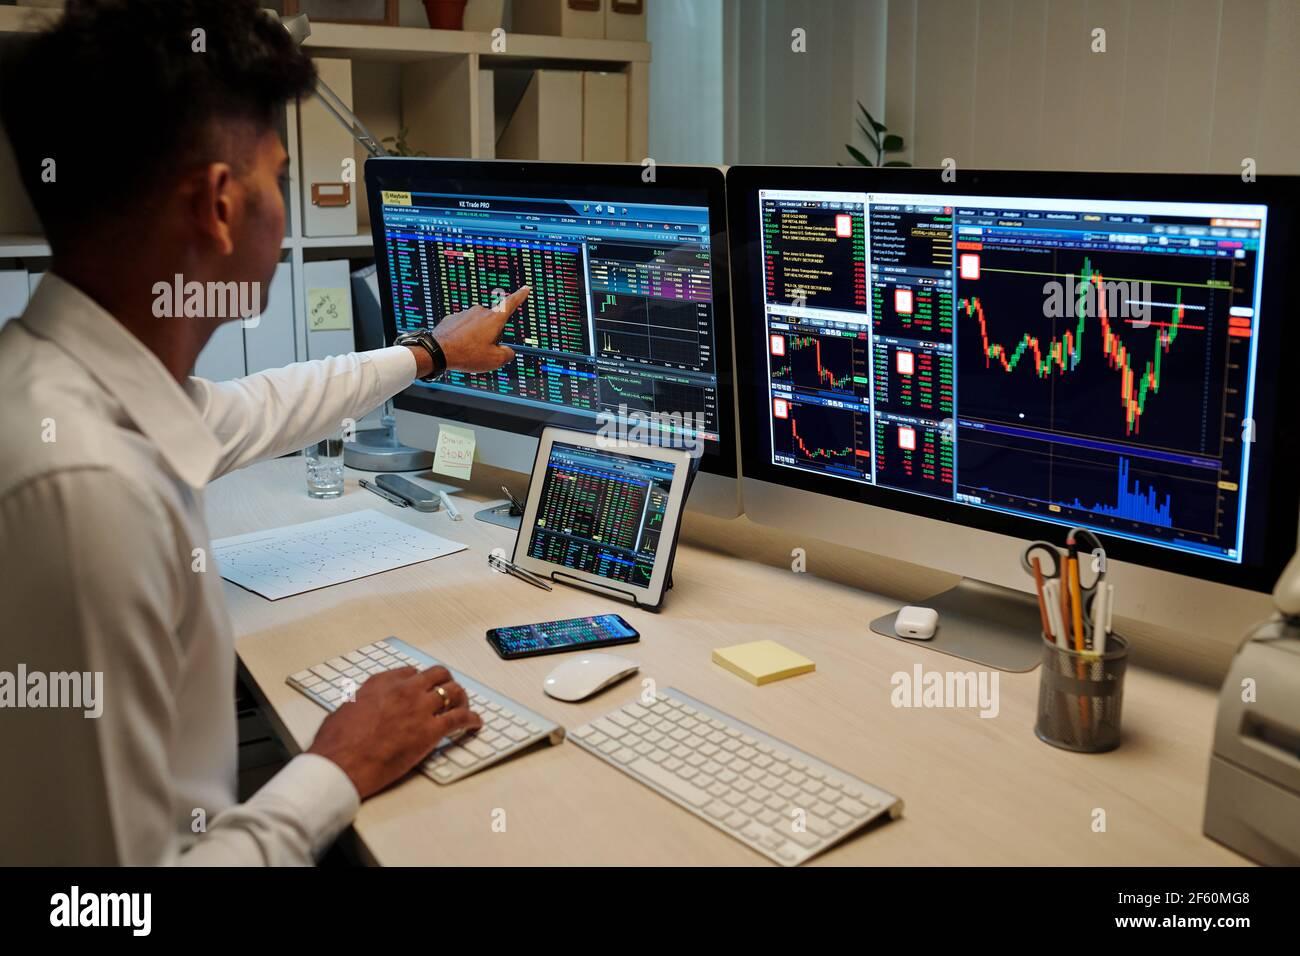 Jeune commerçant indien professionnel travaillant dans le bureau noir et le pointage sur l'écran de l'ordinateur avec des informations sur le marché boursier Banque D'Images